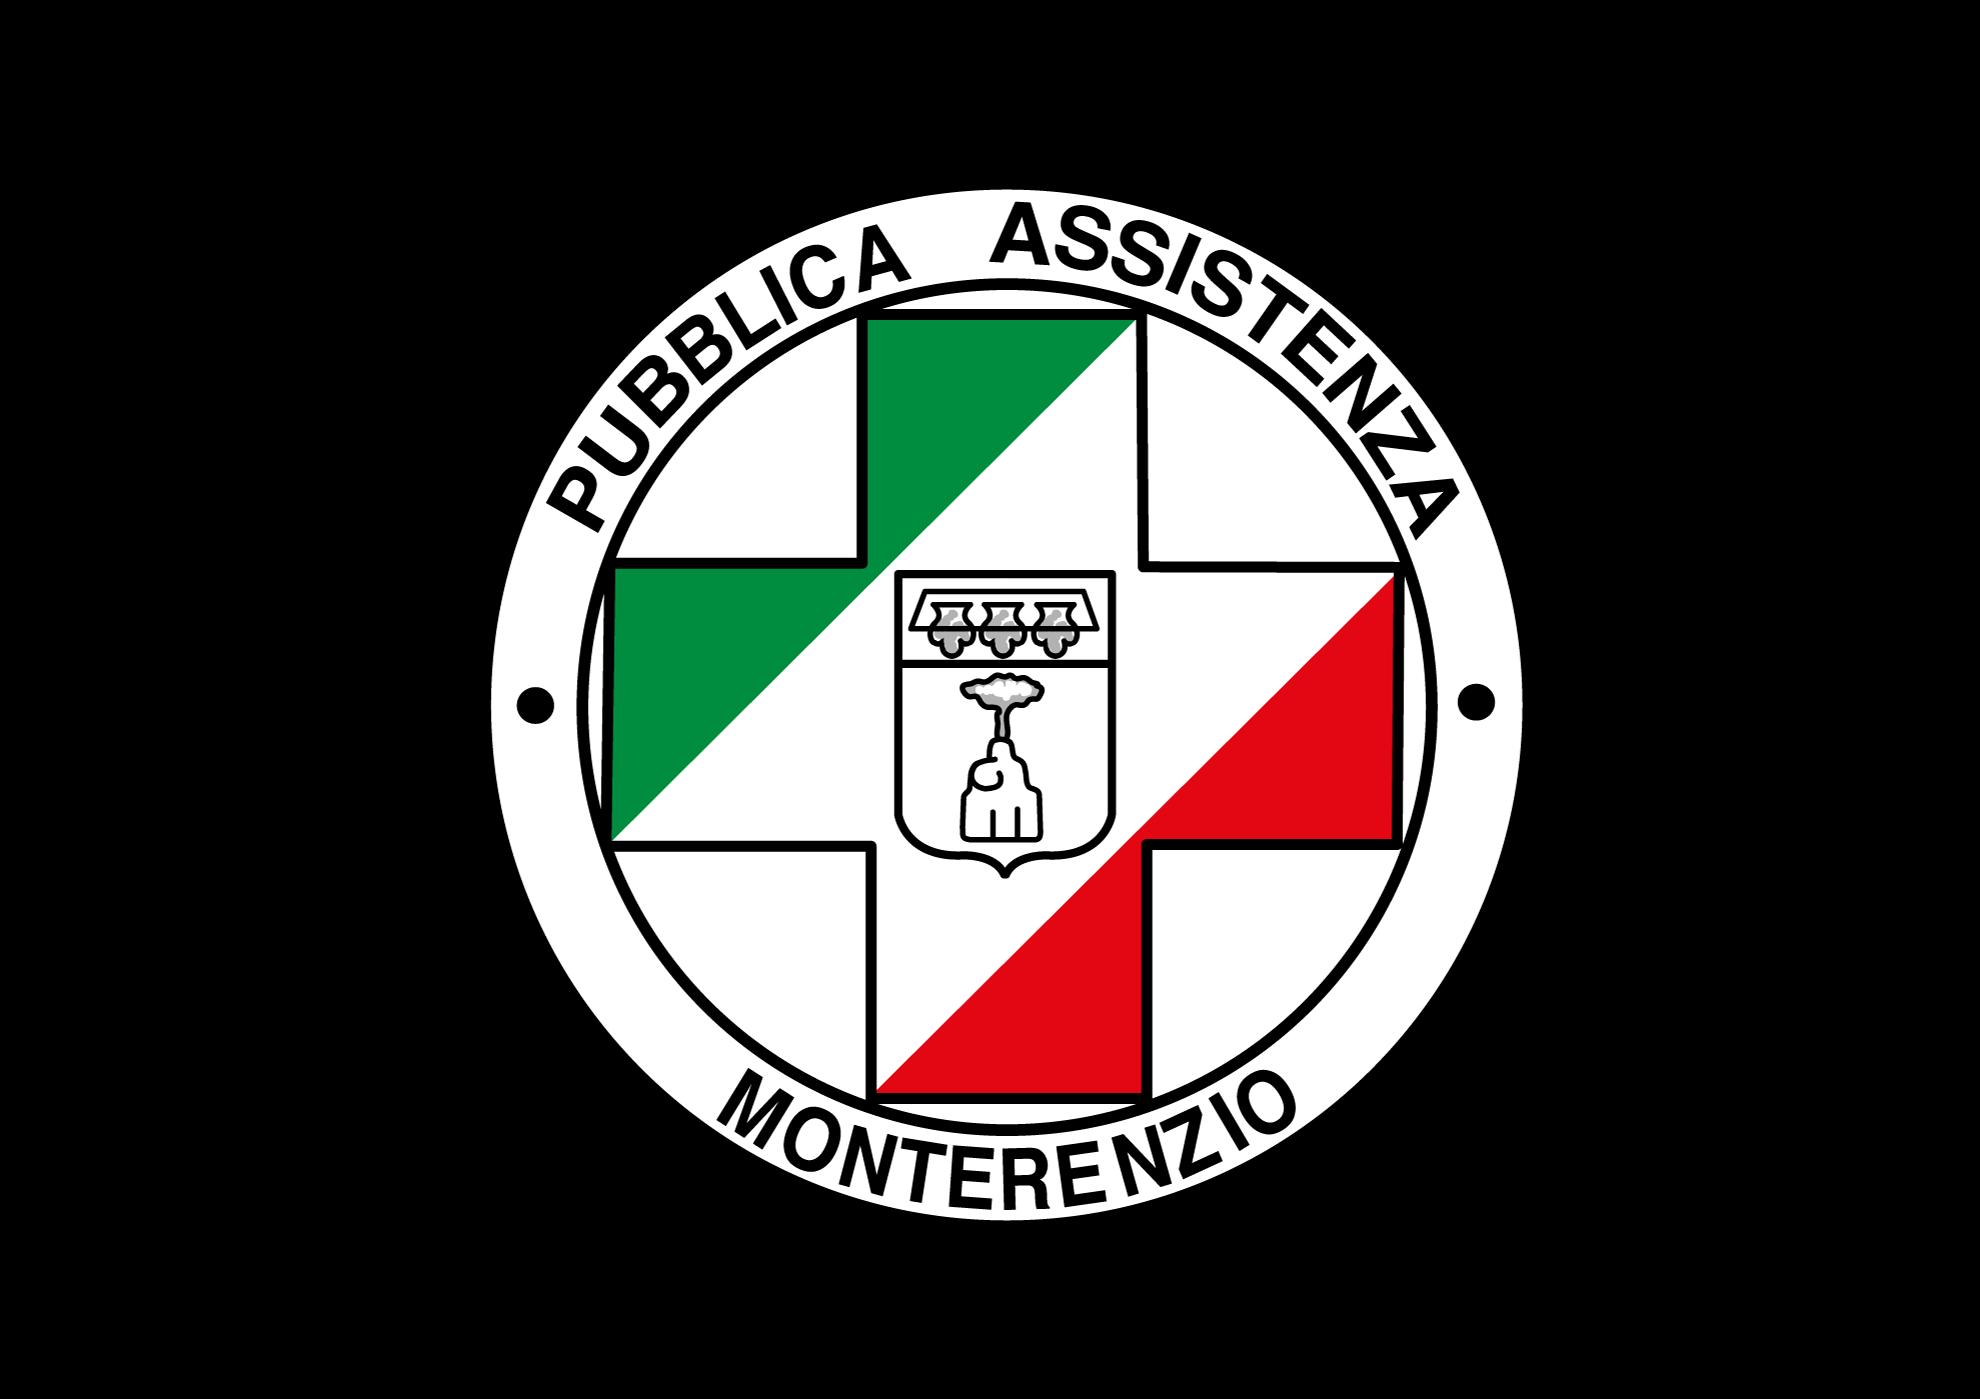 Pubblica Assistenza Monterenzio odv